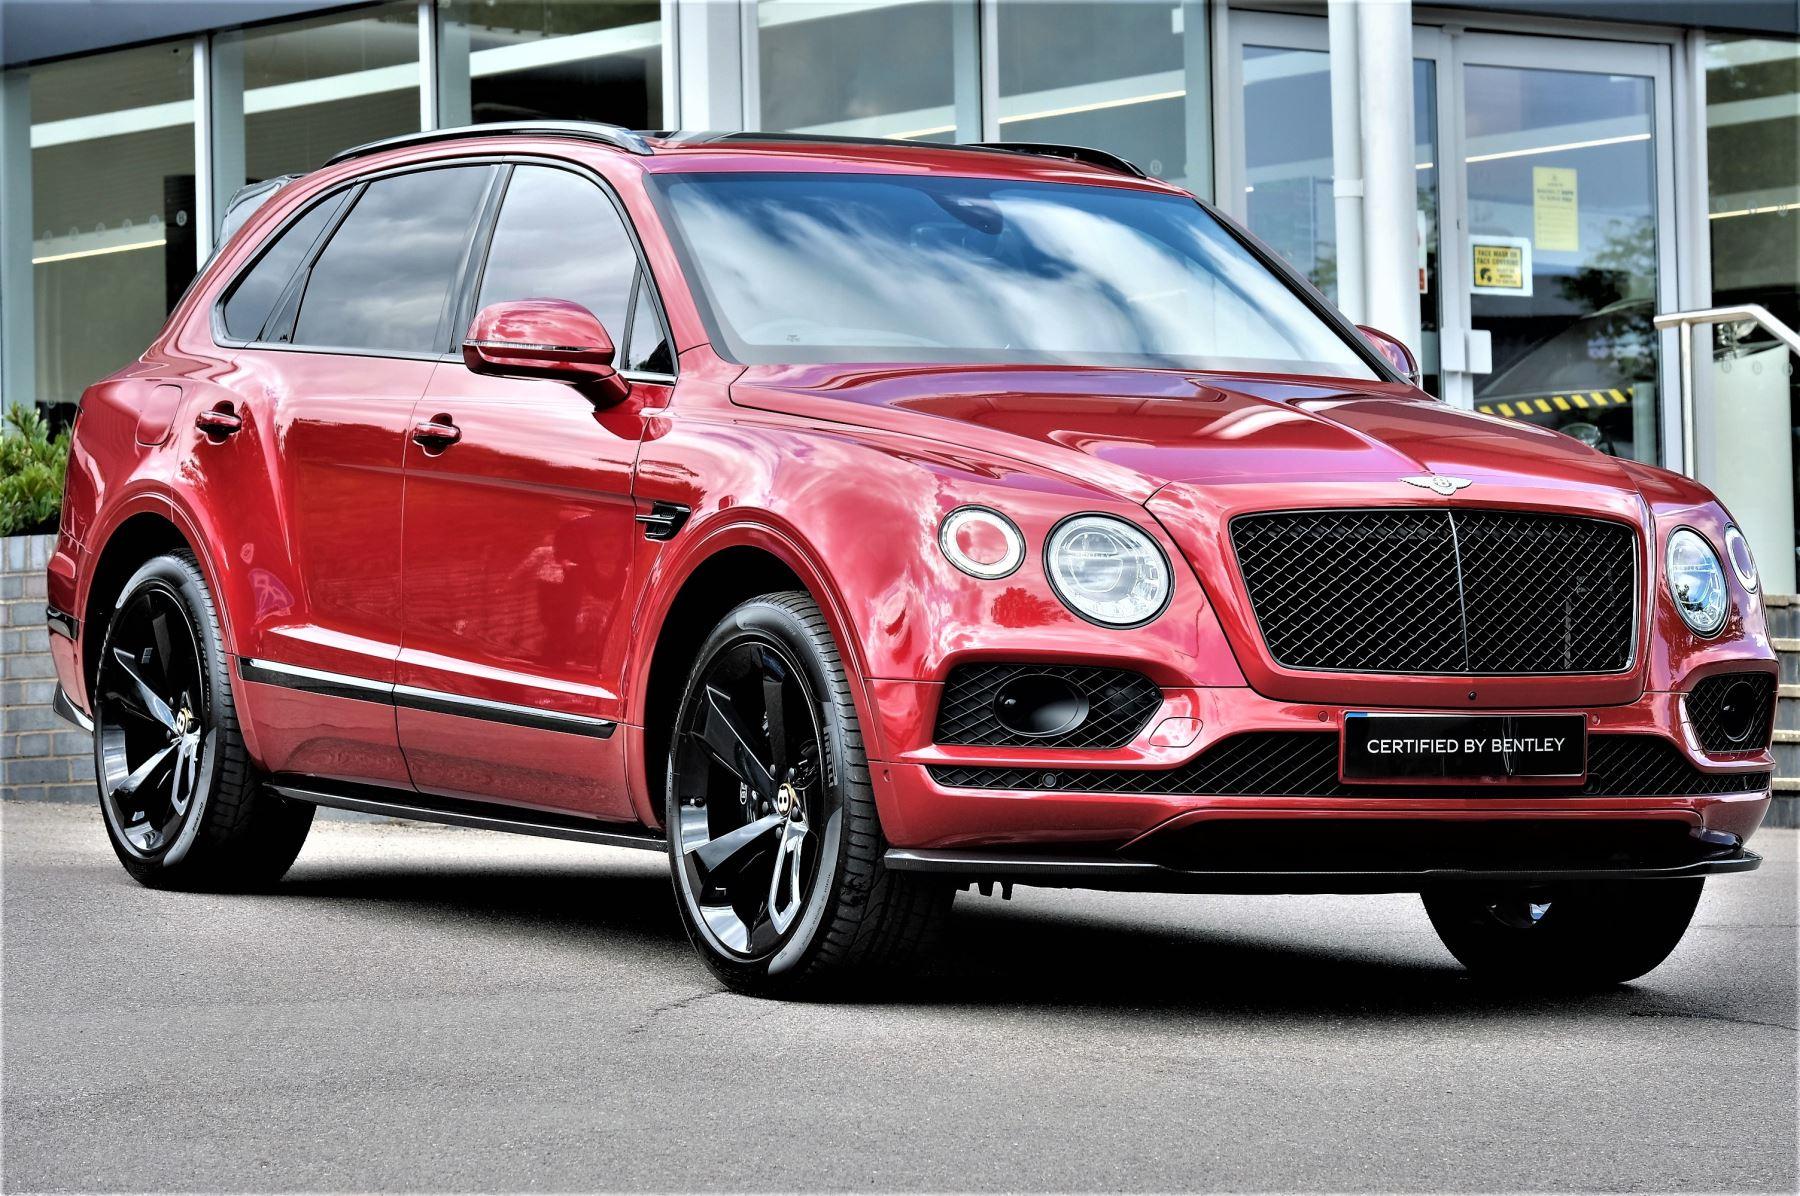 Bentley Bentayga V8 4.0 V8 5dr Mulliner Driving Specification Automatic Estate (2019)